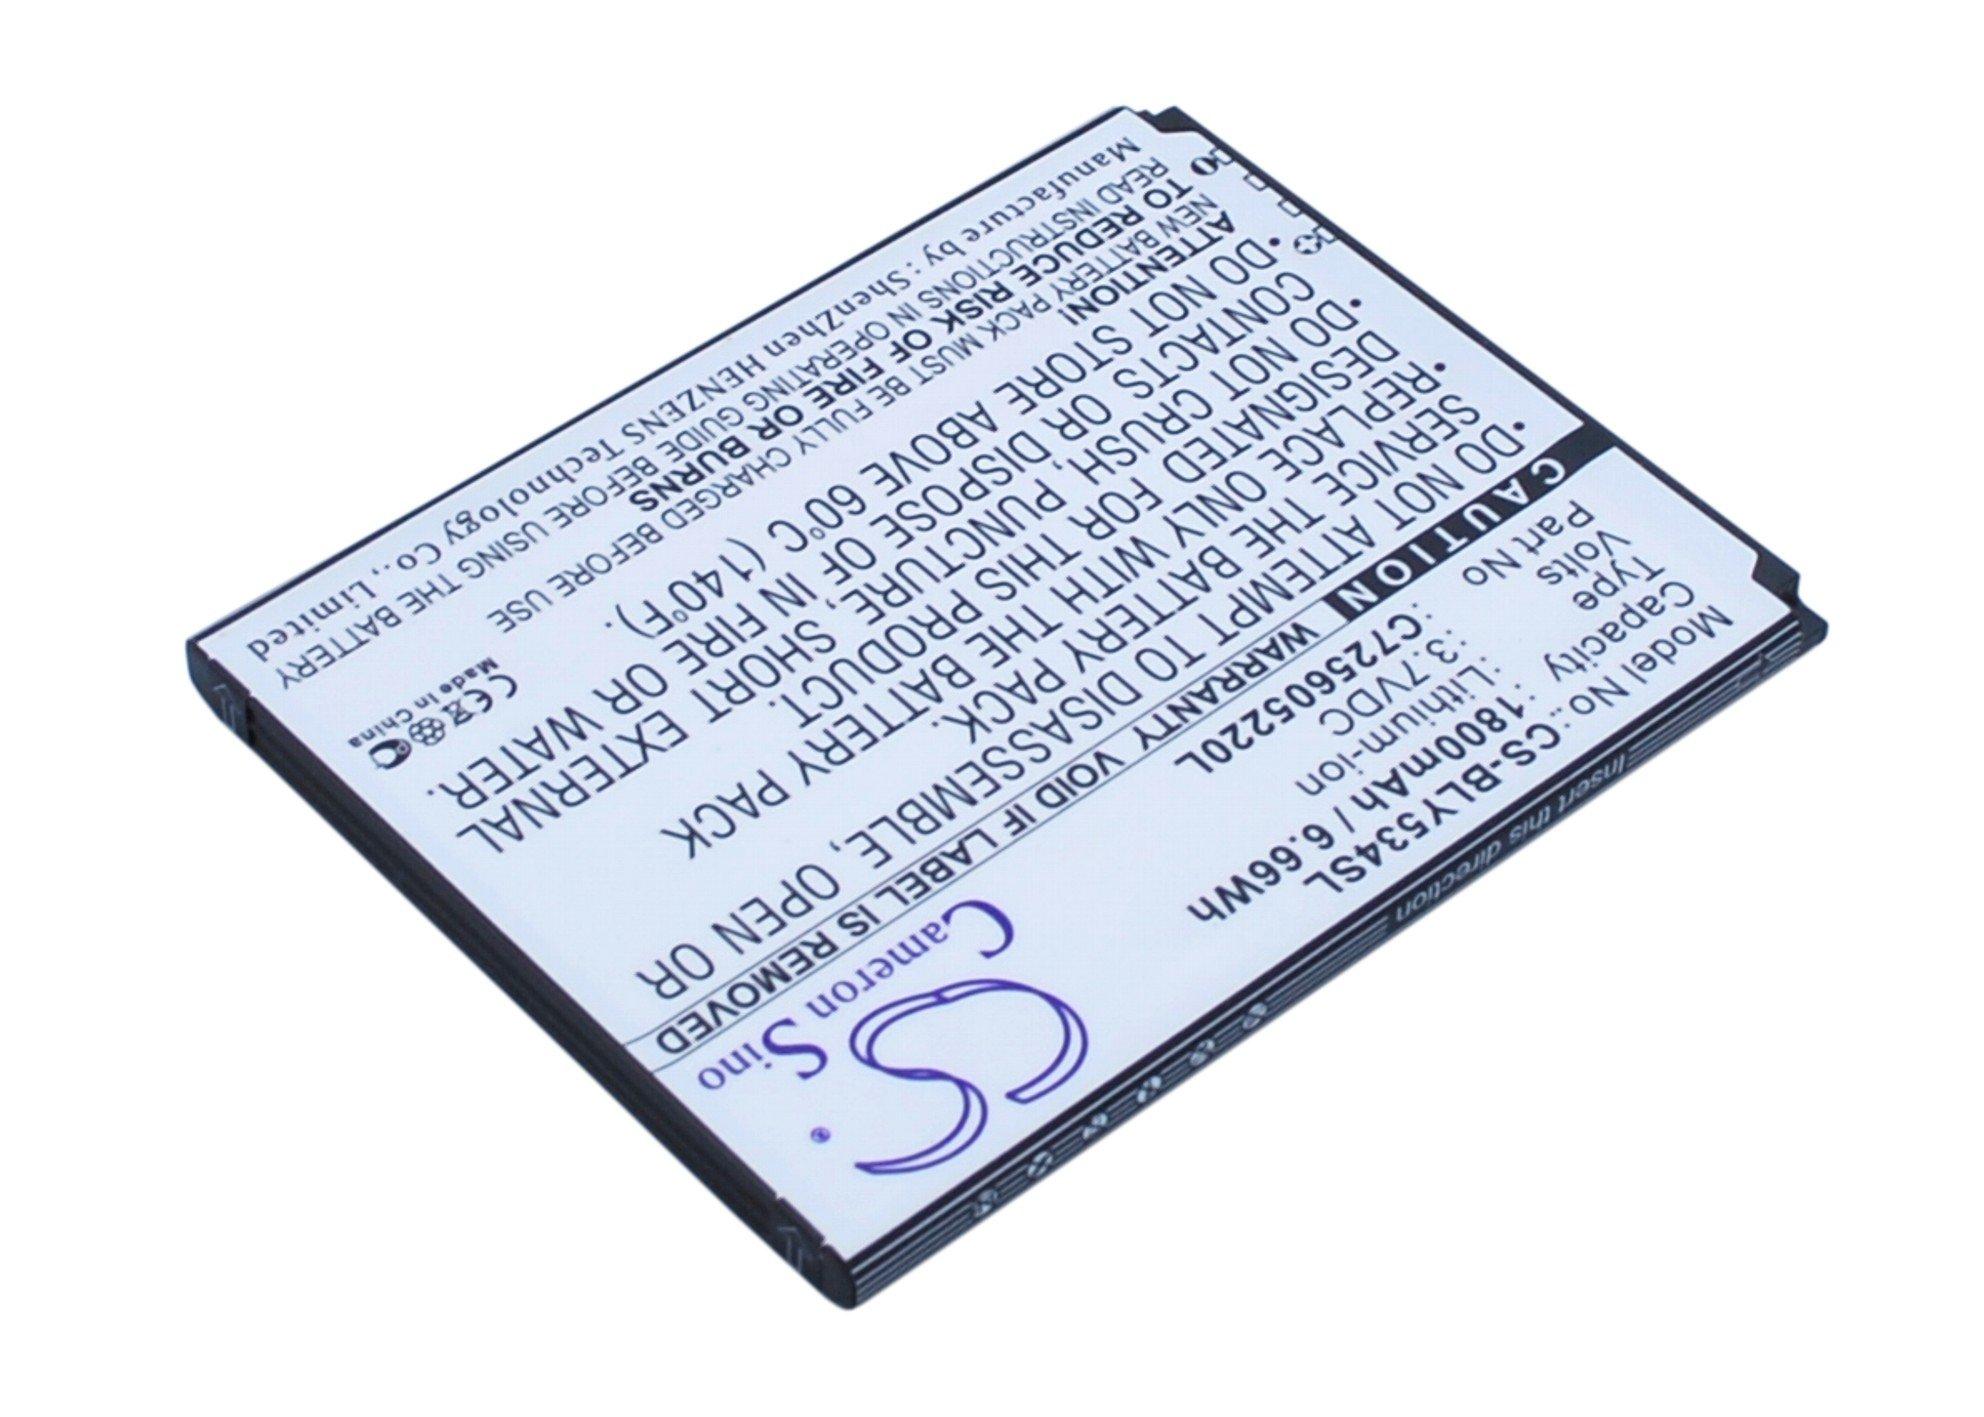 Bateria : Blu Studio 5.0 Hd Lte